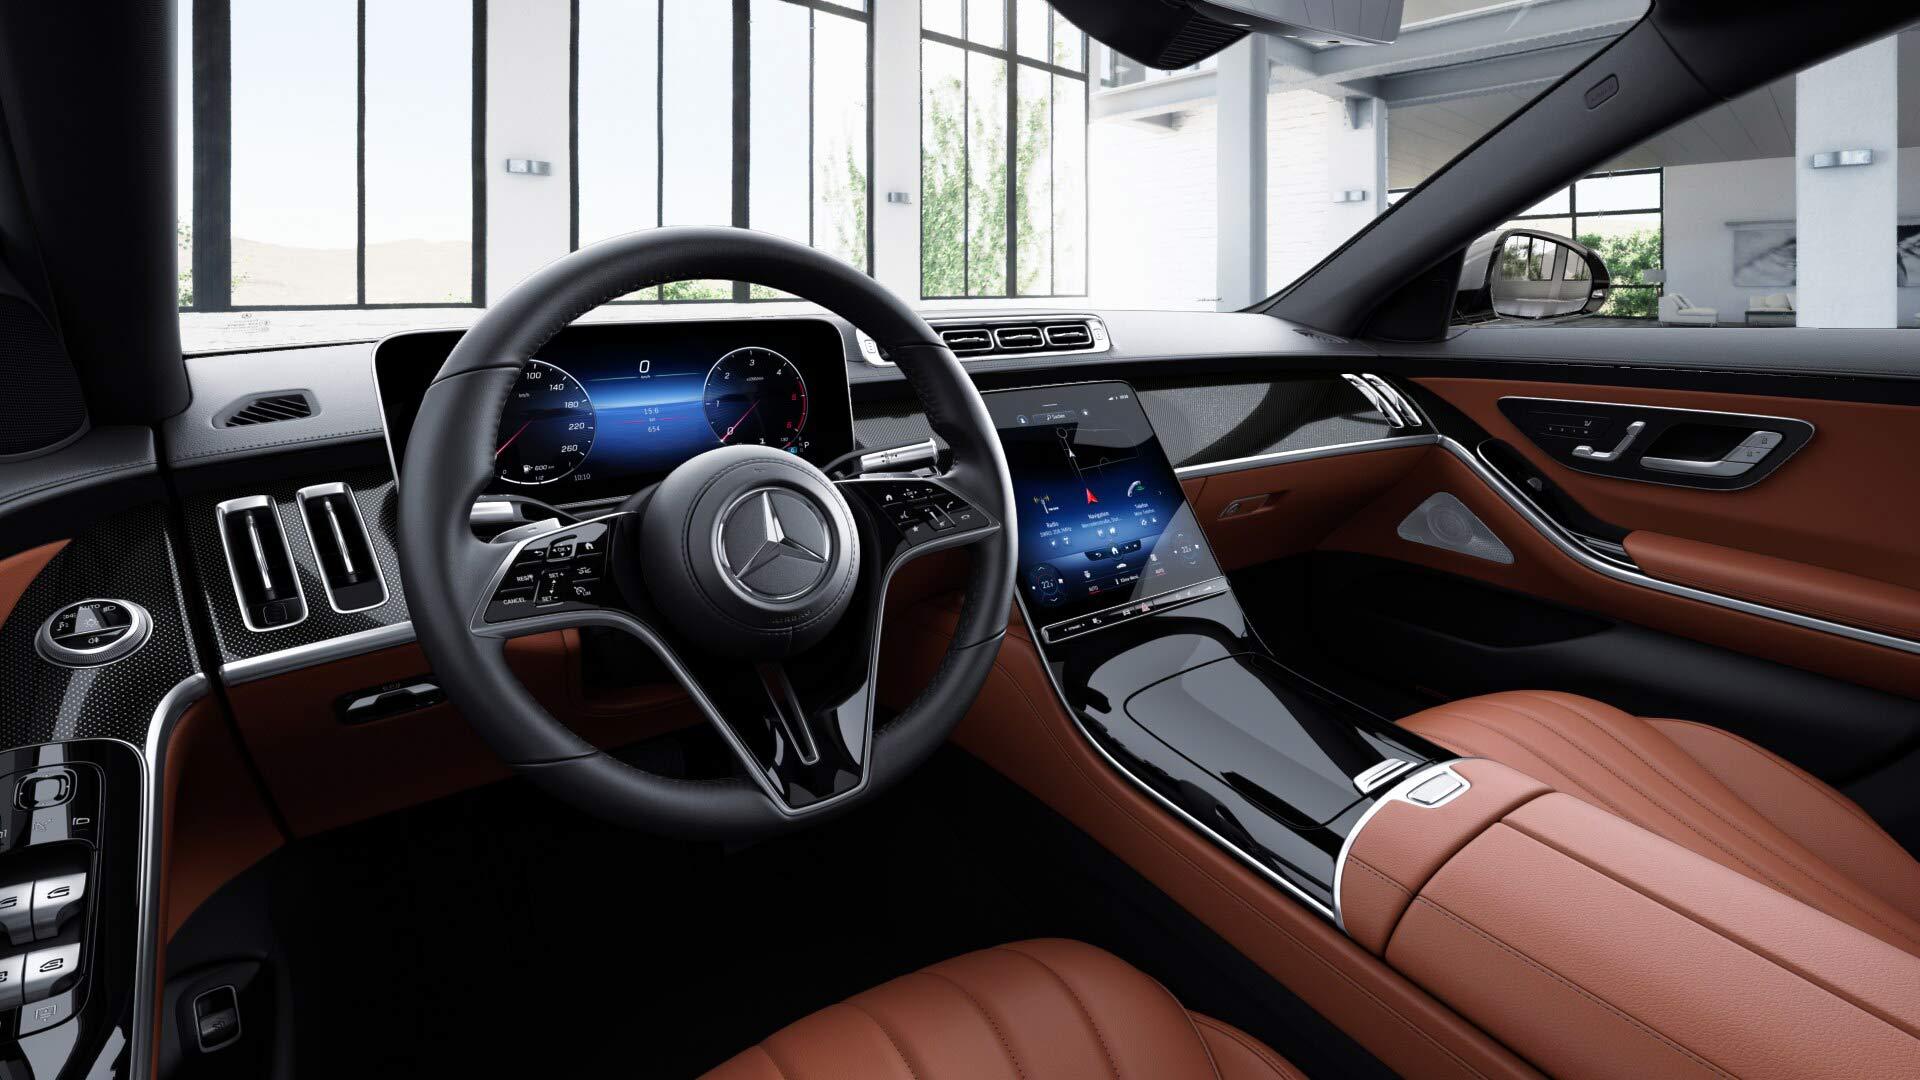 Intérieur de la Mercedes Classe S Limousine Finition Business